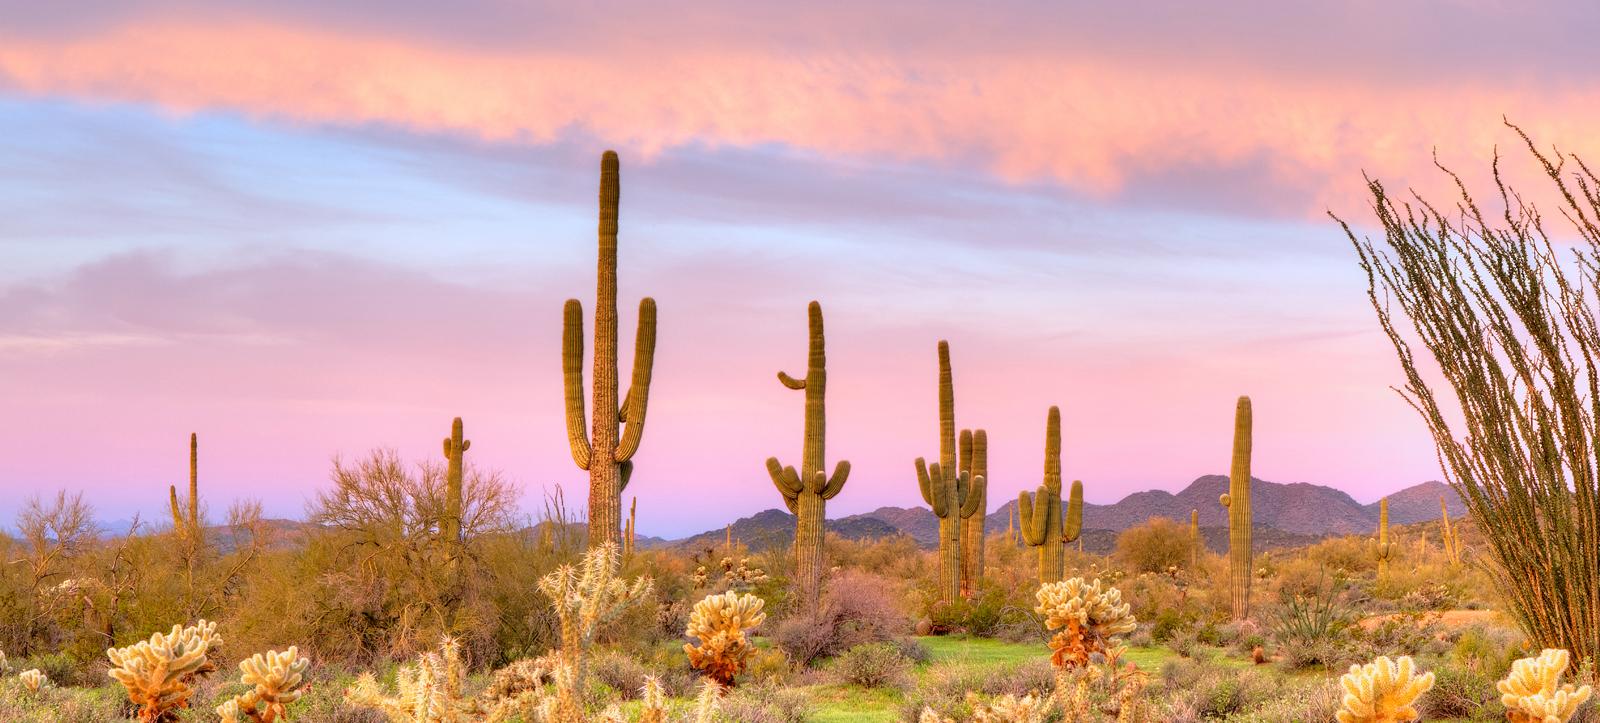 Tucson, AZ #4489